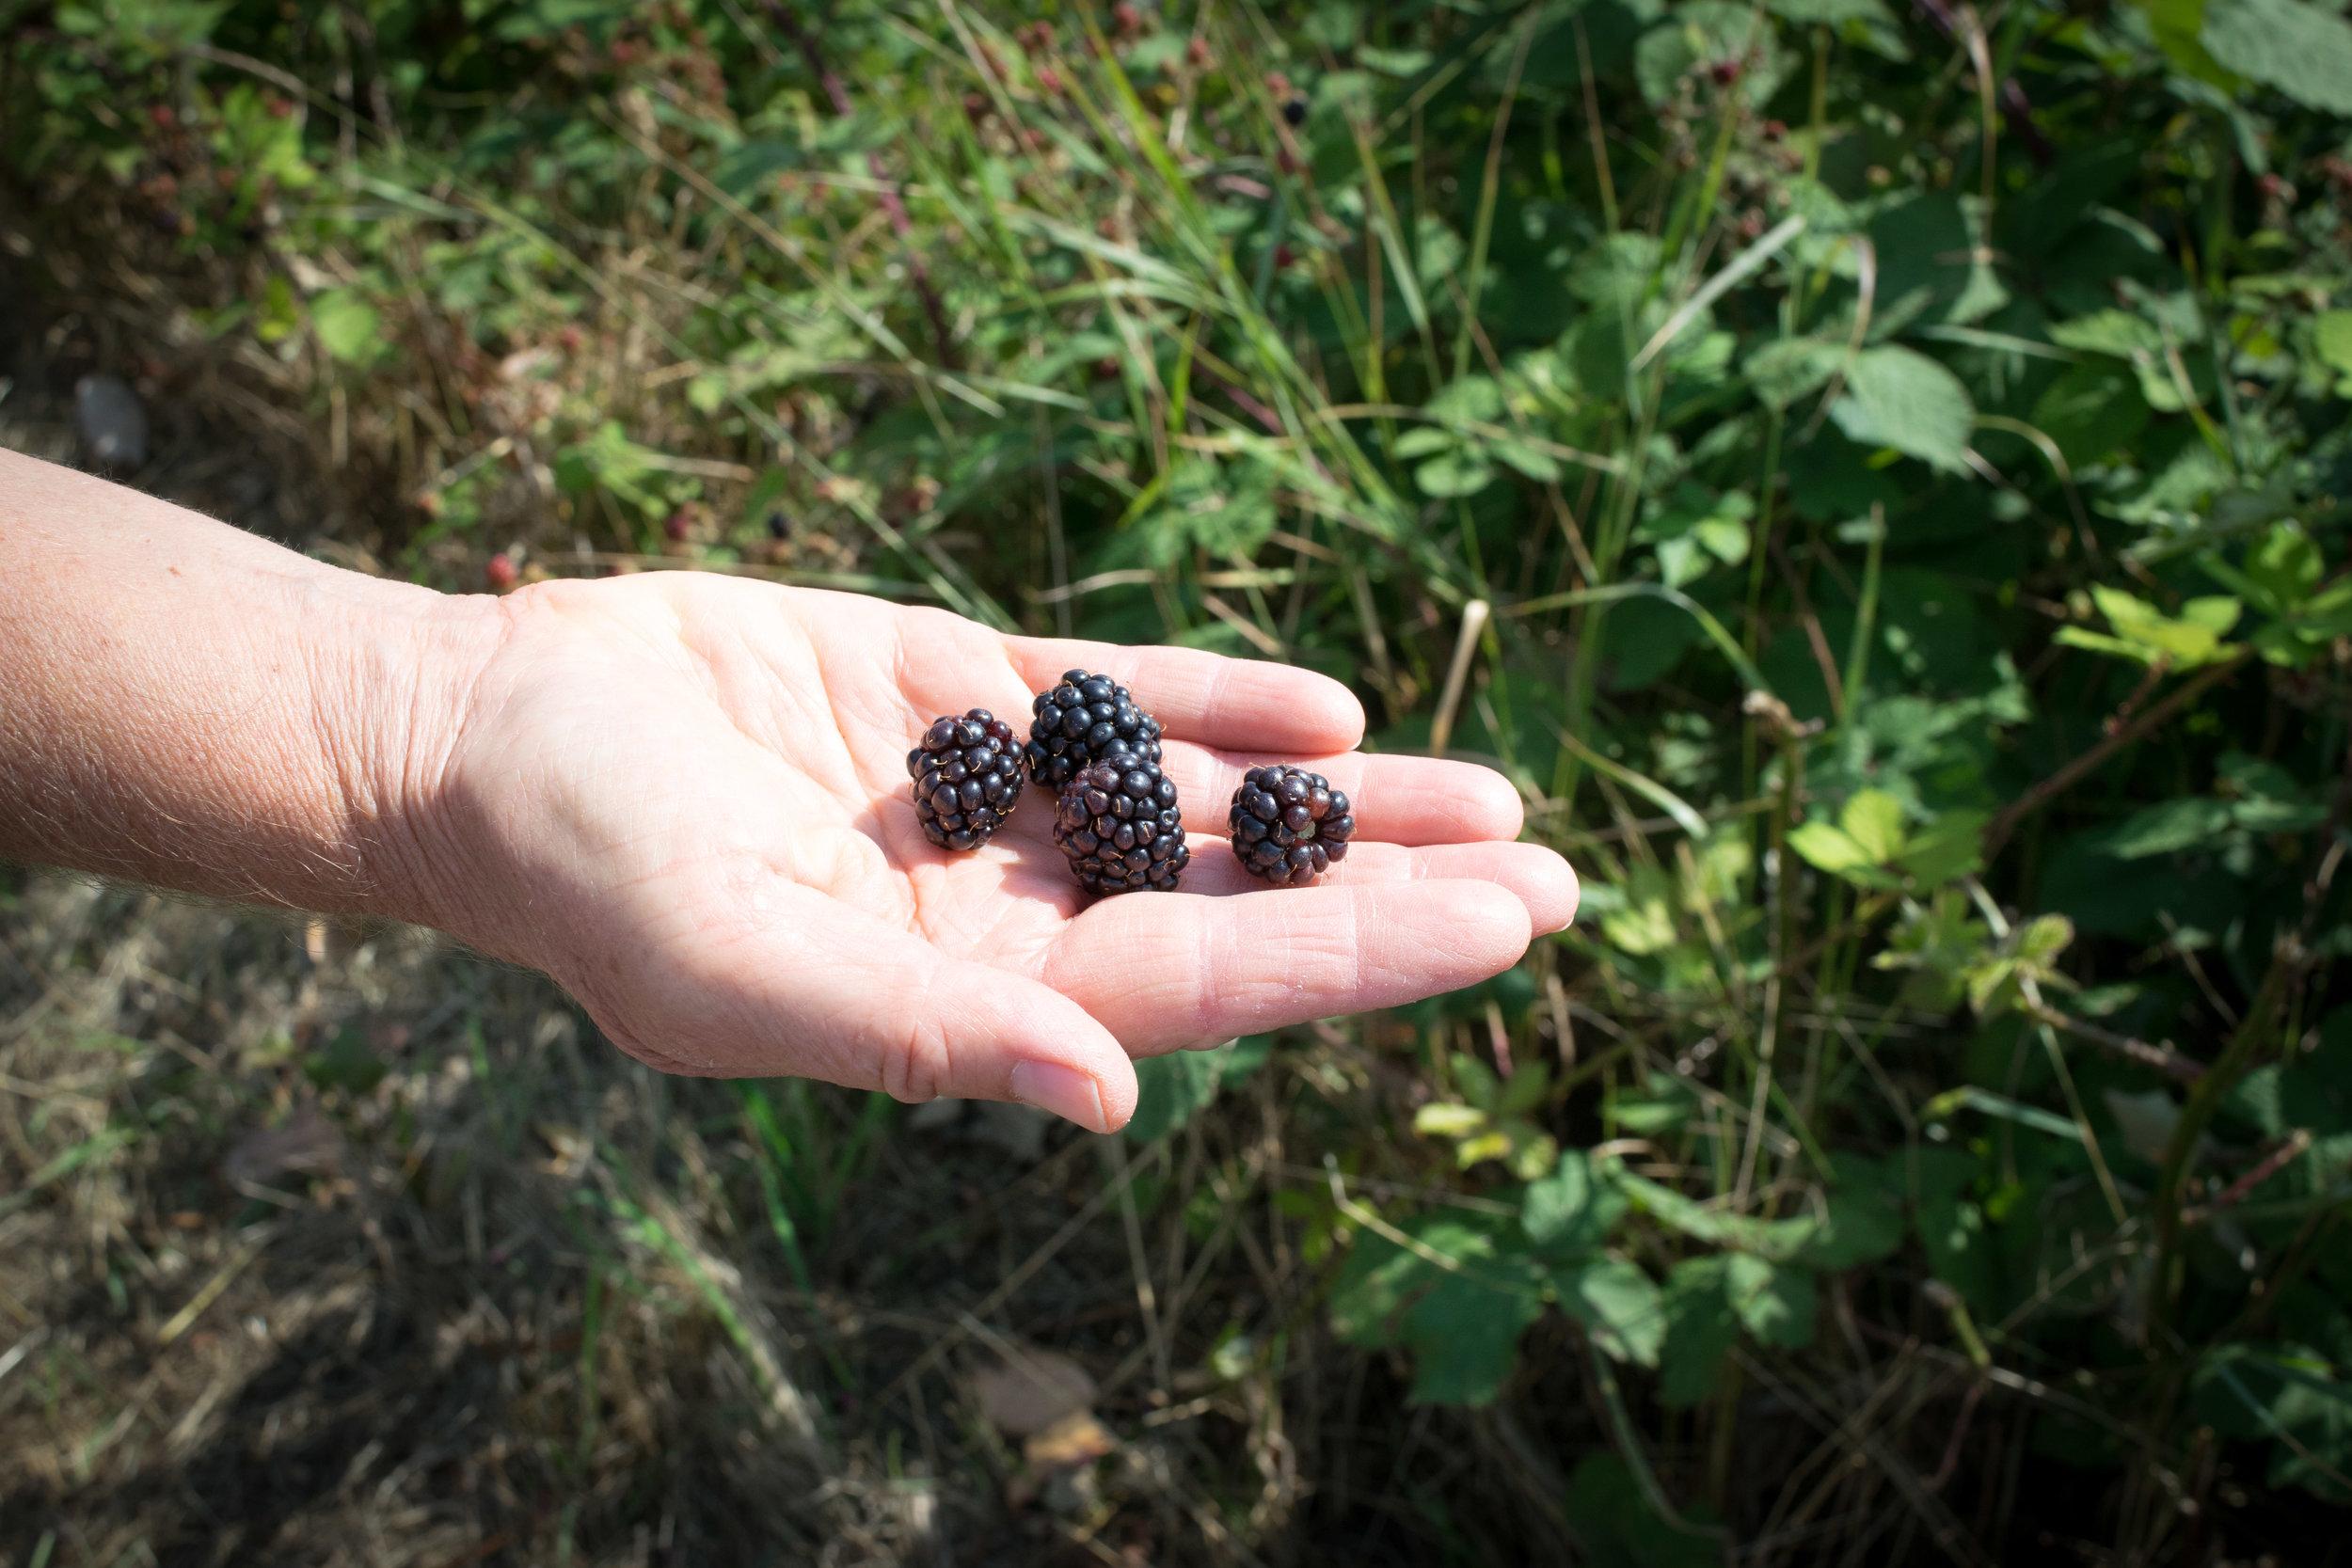 Picking wild blackberries in Nanaimo